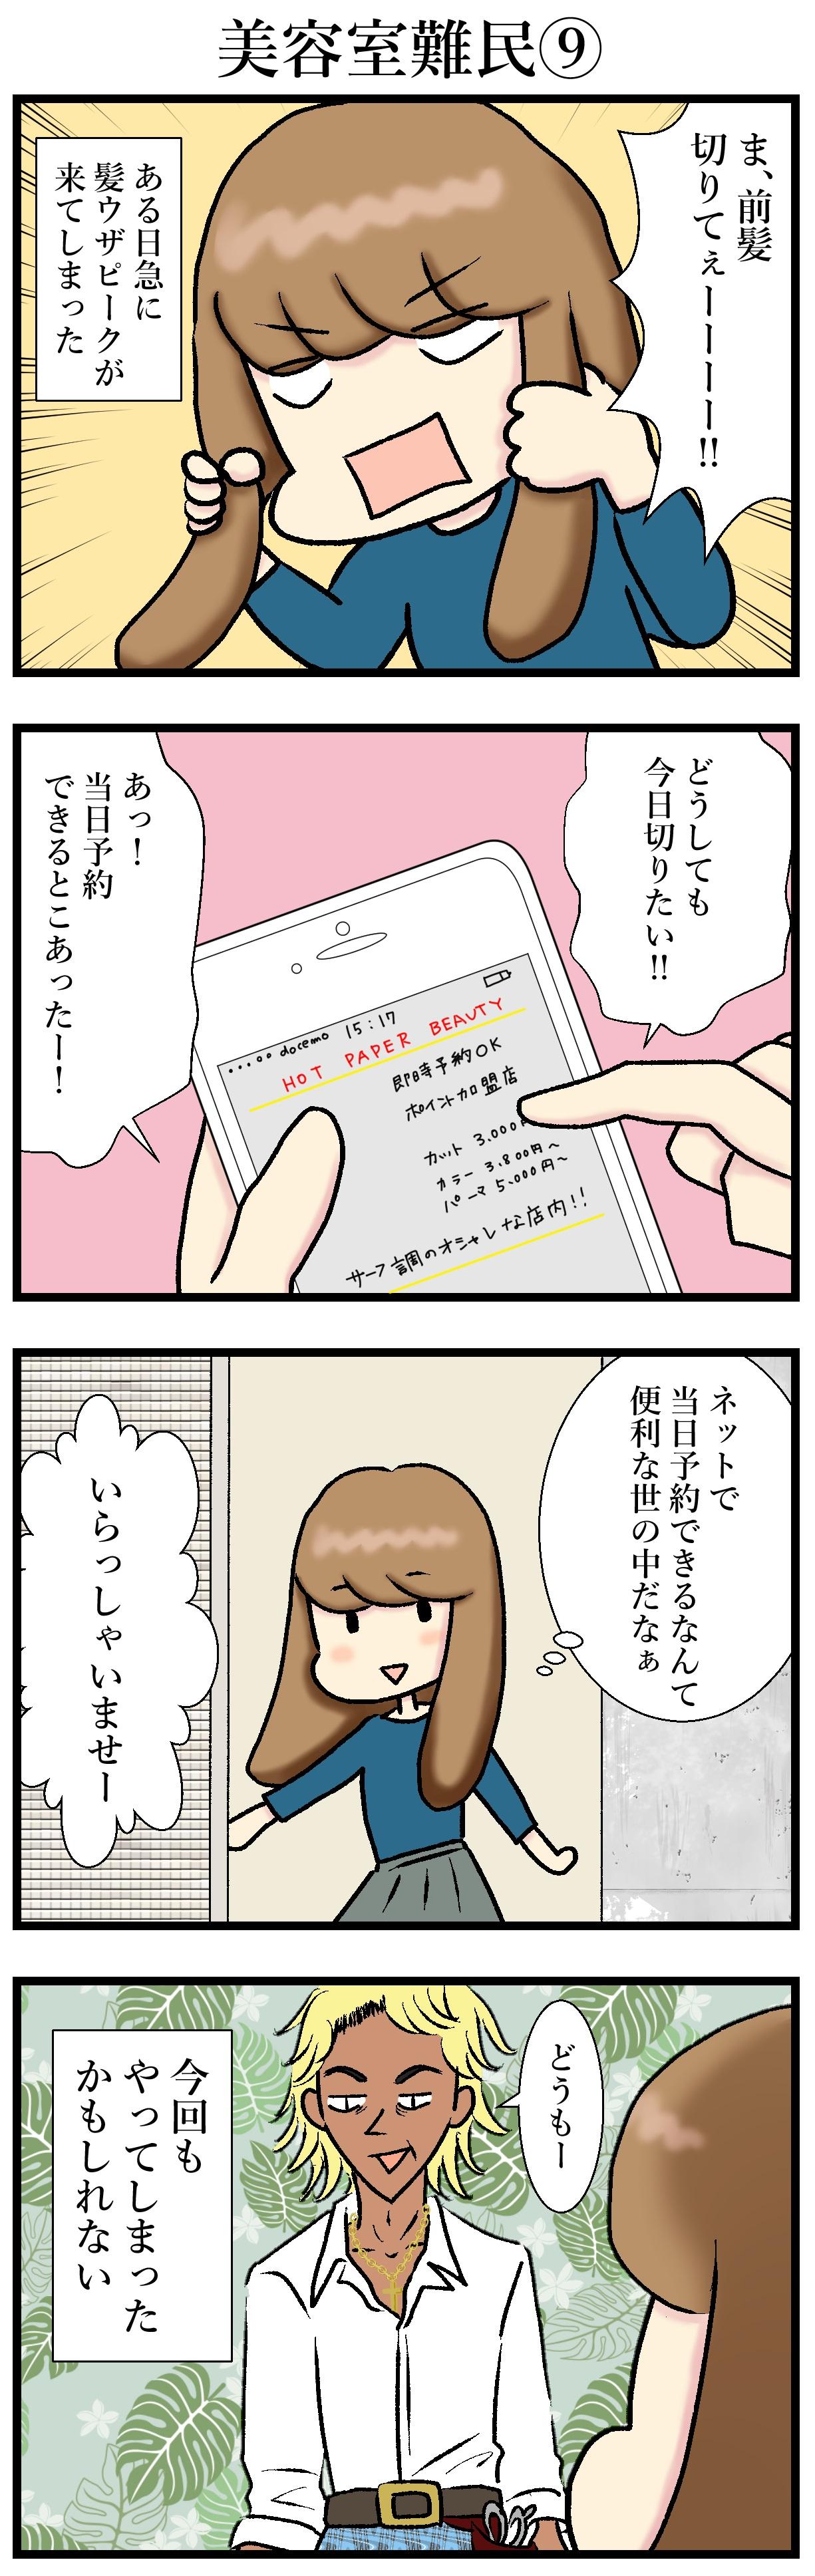 【エッセイ漫画】アラサー主婦くま子のふがいない日常(15)